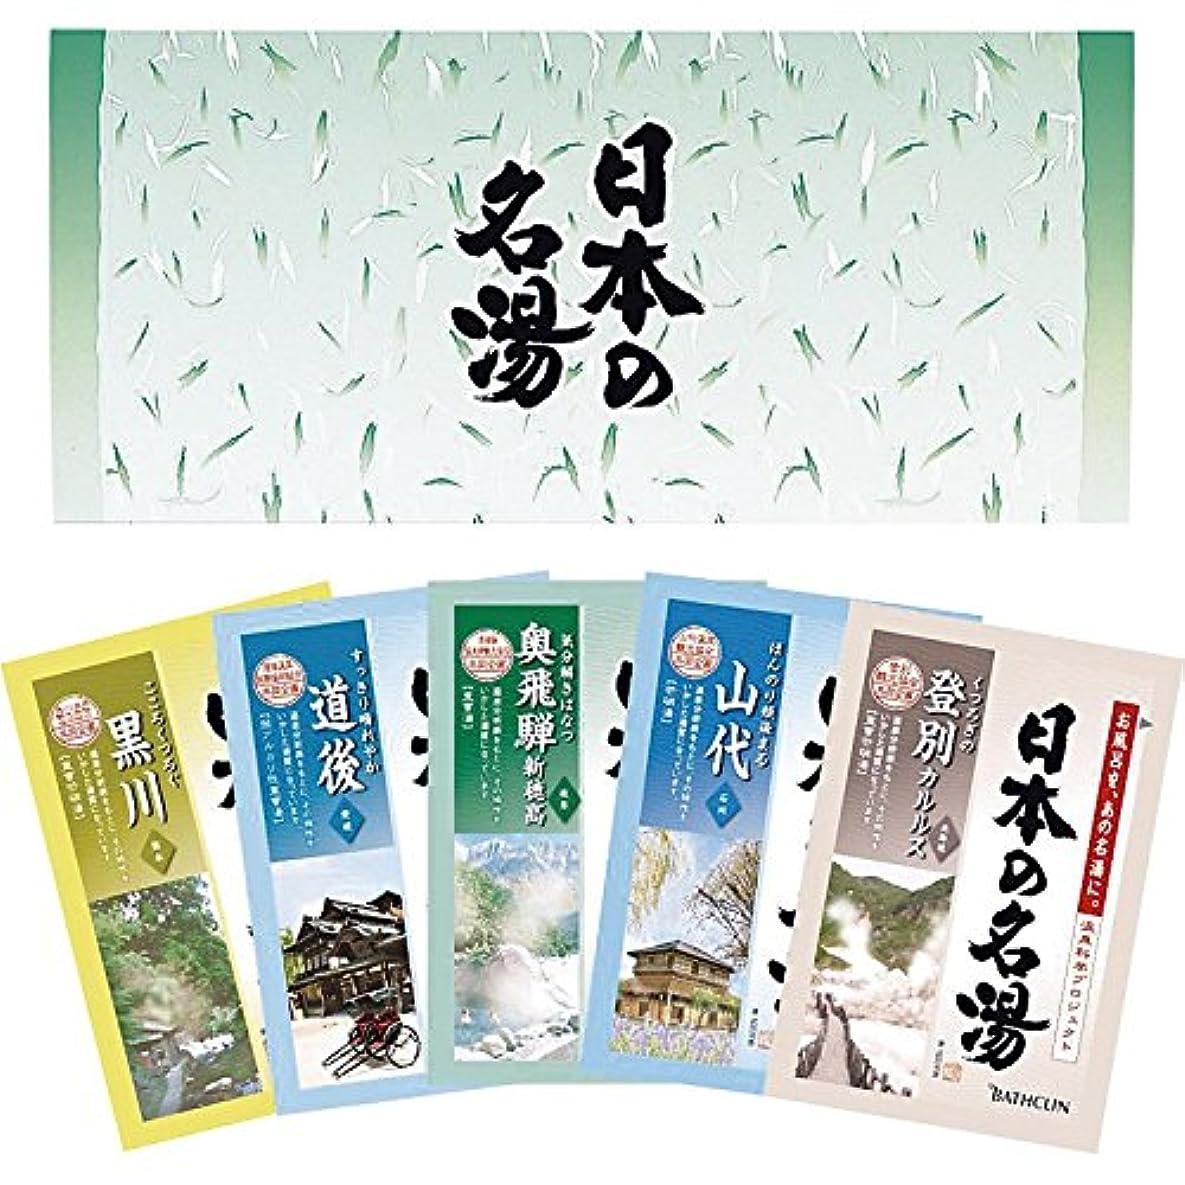 より良い誘導あそこバスクリン 日本の名湯 5包セット OT-3D 【洗面所 入浴剤 温泉 薬用 5袋 リラックス おふろ バスグッズ】